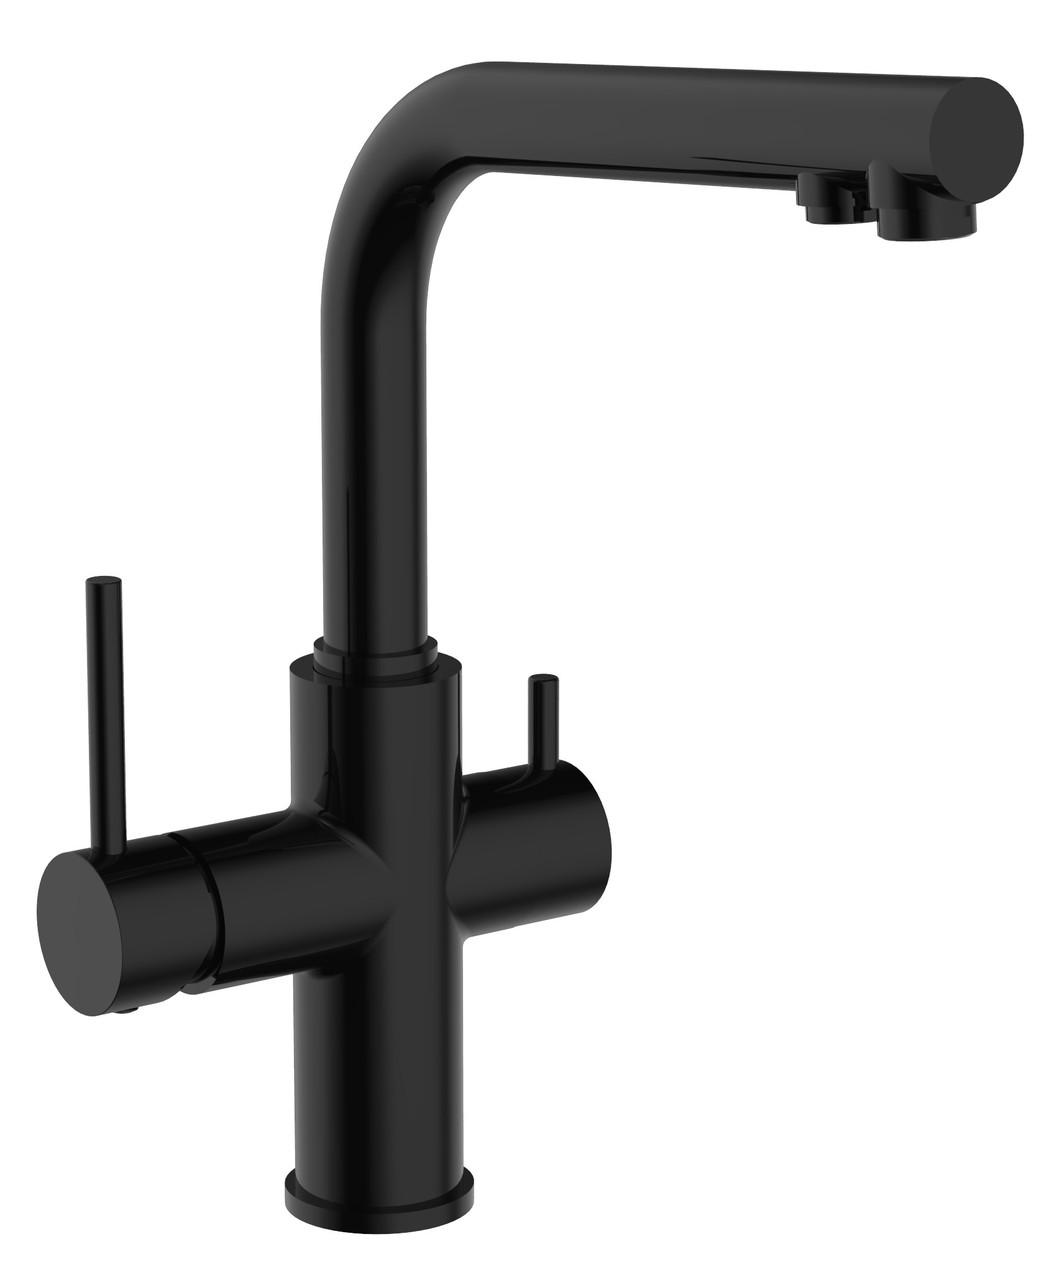 Змішувач для кухні Imprese Daicy 55009B-F, чорний (з підключенням питної води)